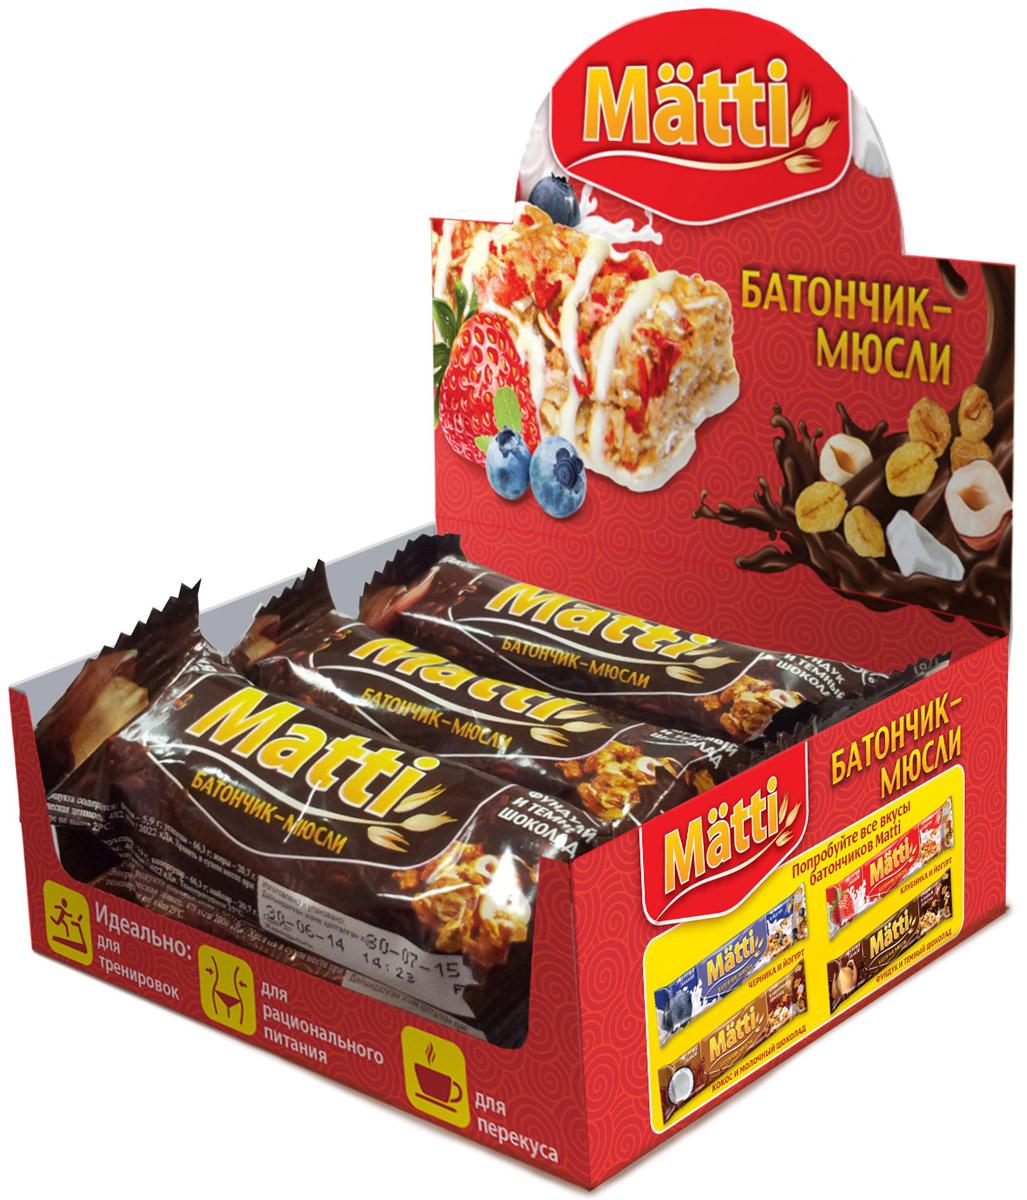 Matti батончик мюсли фундук и темный шоколад, 6 шт по 24 гУТ-00000066Батончики-мюсли Matti Фундук и темный шоколад относятся к новому поколению функциональных продуктов питания и являются хорошим дополнением к ежедневному рациону в качестве источника пищевых волокон, микроэлементов, витаминов.Здоровое питание помогает всегда находиться в прекрасной форме, быть энергичным и подтянутым. Основу батончиков-мюсли составляют овсяные хлопья, имеющие огромную пищевую ценность для организма человека. Овсяные хлопья богаты клетчаткой, витаминами (В1, В2, В6, РР, Е), минеральными веществами (калий, фосфор, железо, натрий, кальций, магний). Фундук - орехи очень ценные, вкусные и питательные. В ядрах орехов содержатся все 20 необходимых нам аминокислот, витамины – А, С, Е, РР, группы В.